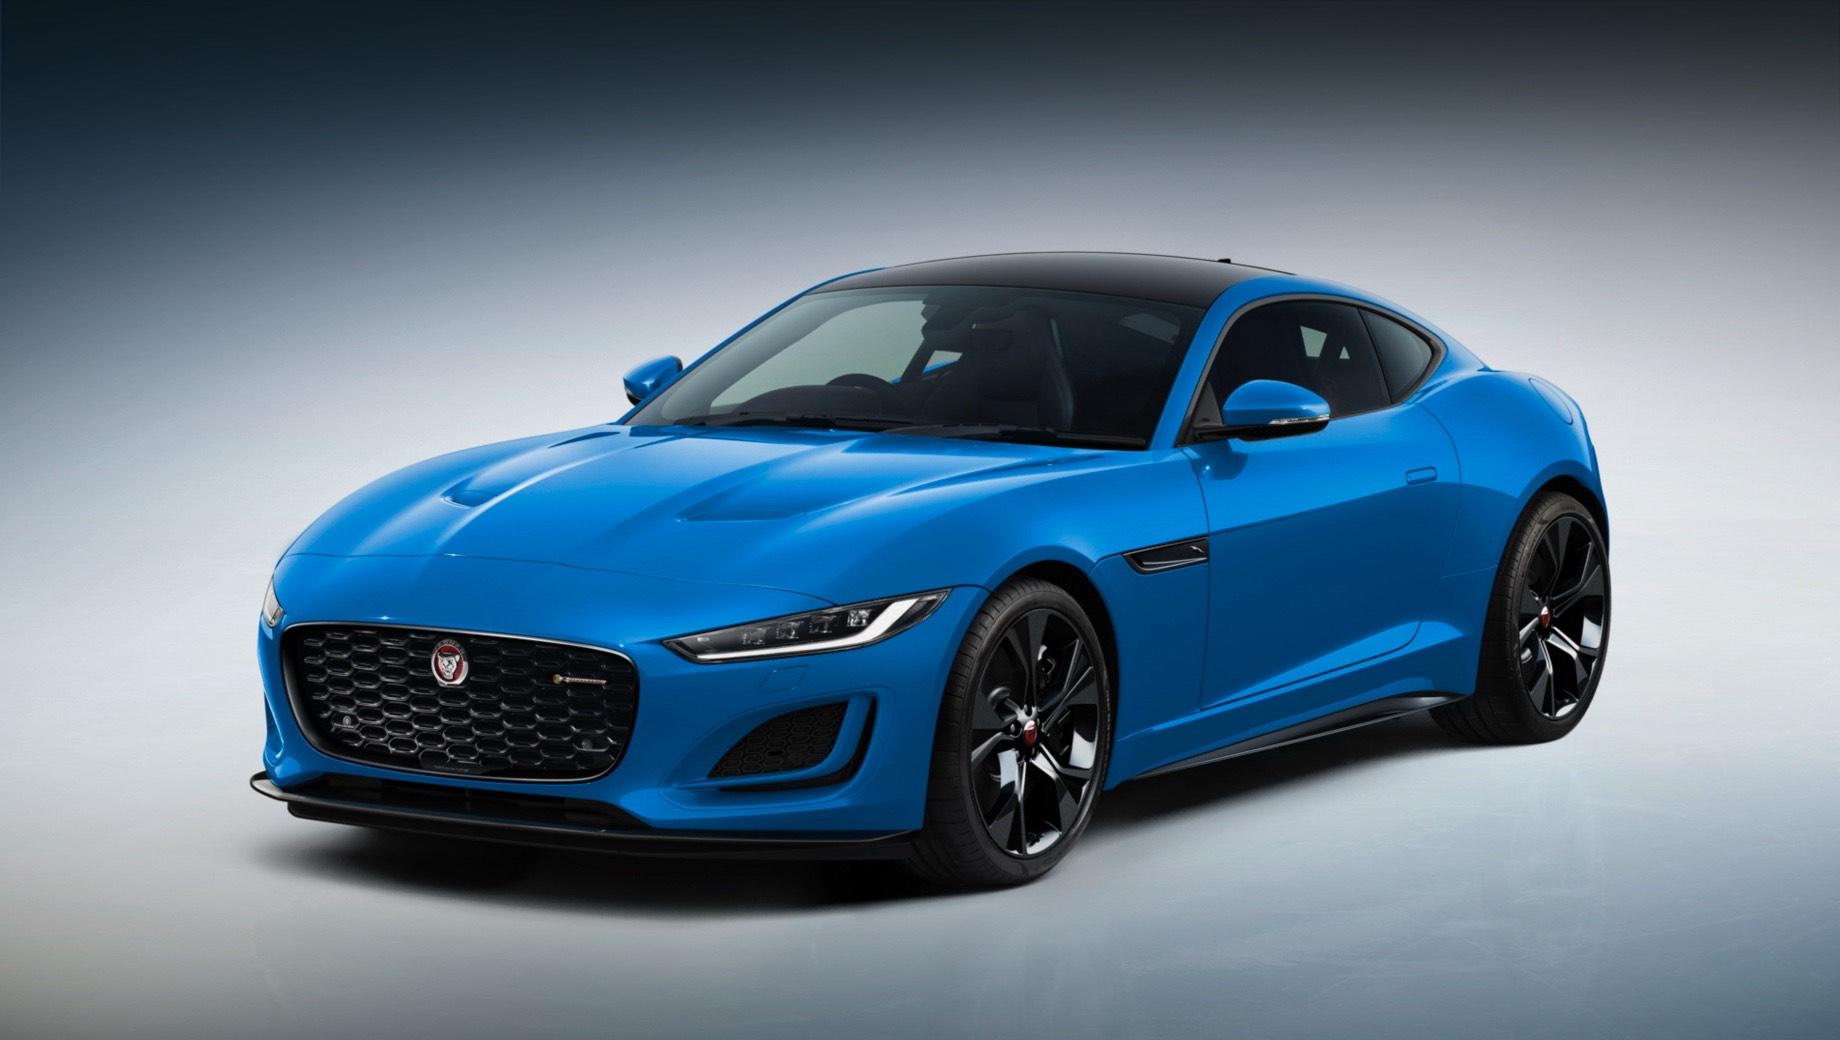 Jaguar F-Type Reims Edition появился благодаря гонке